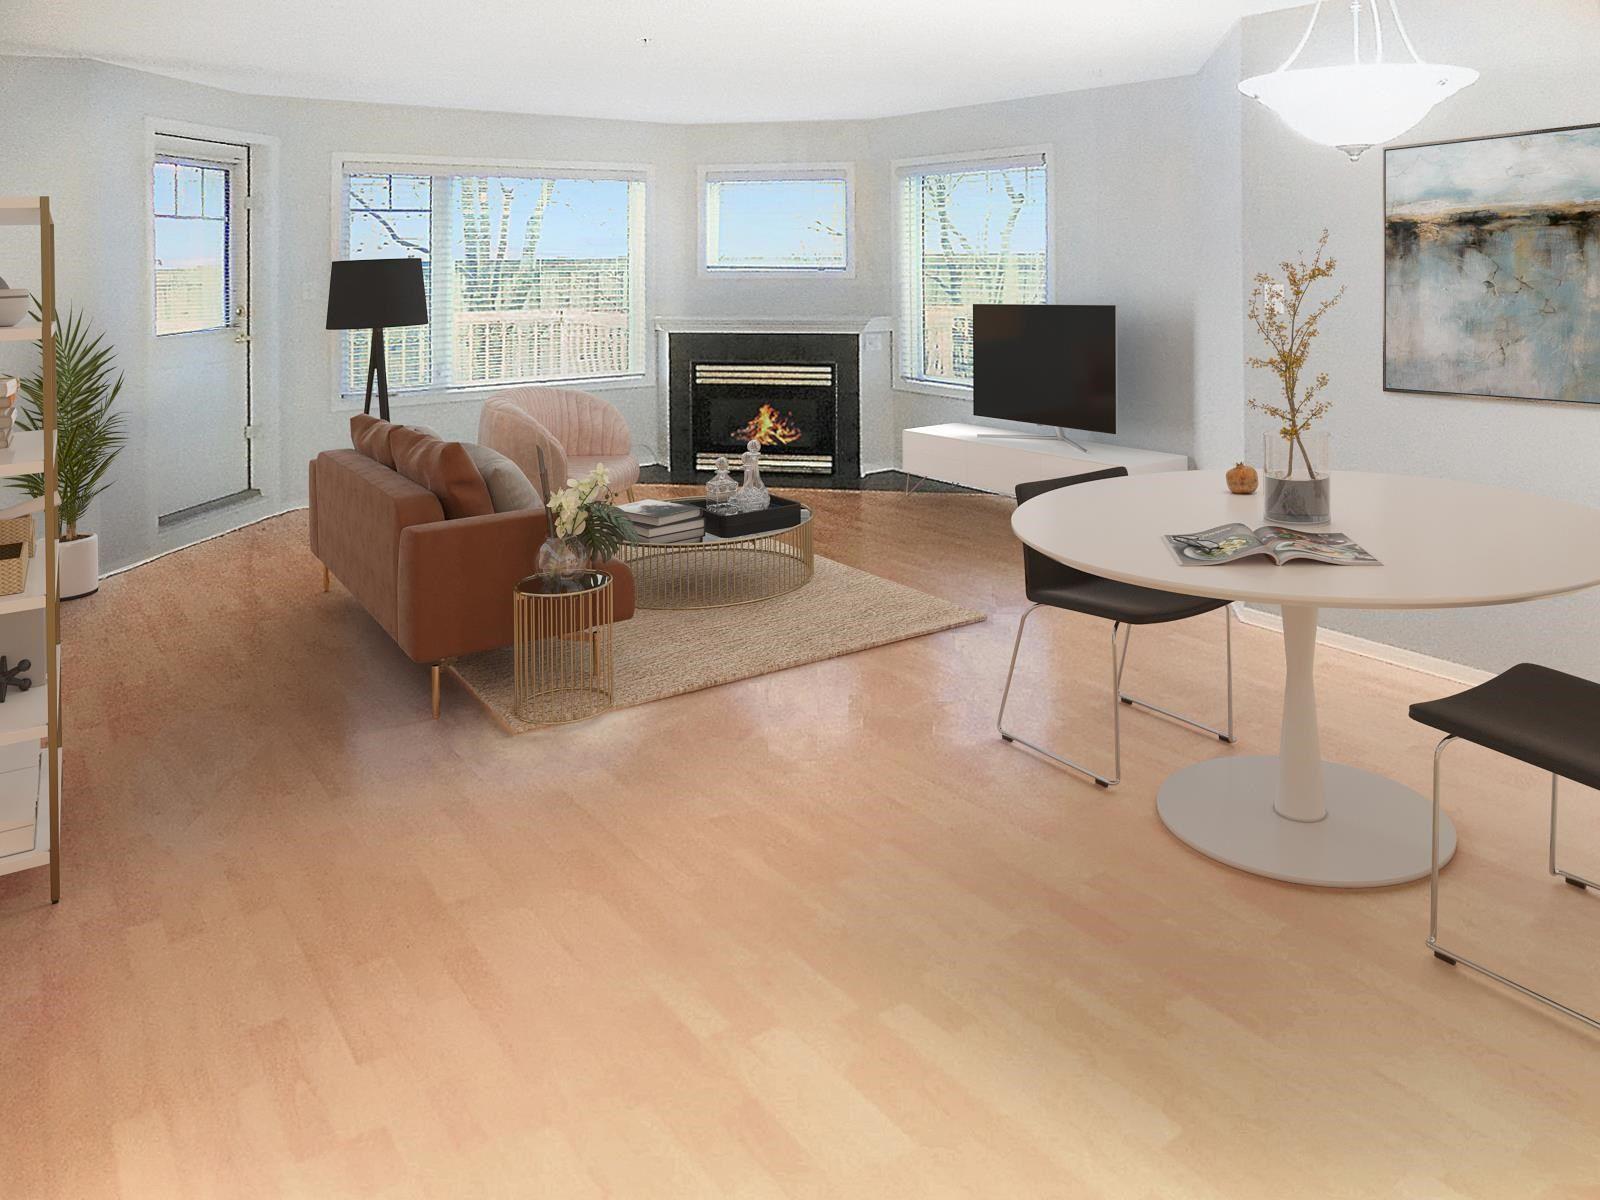 Main Photo: 104 8909 100 Street in Edmonton: Zone 15 Condo for sale : MLS®# E4246923